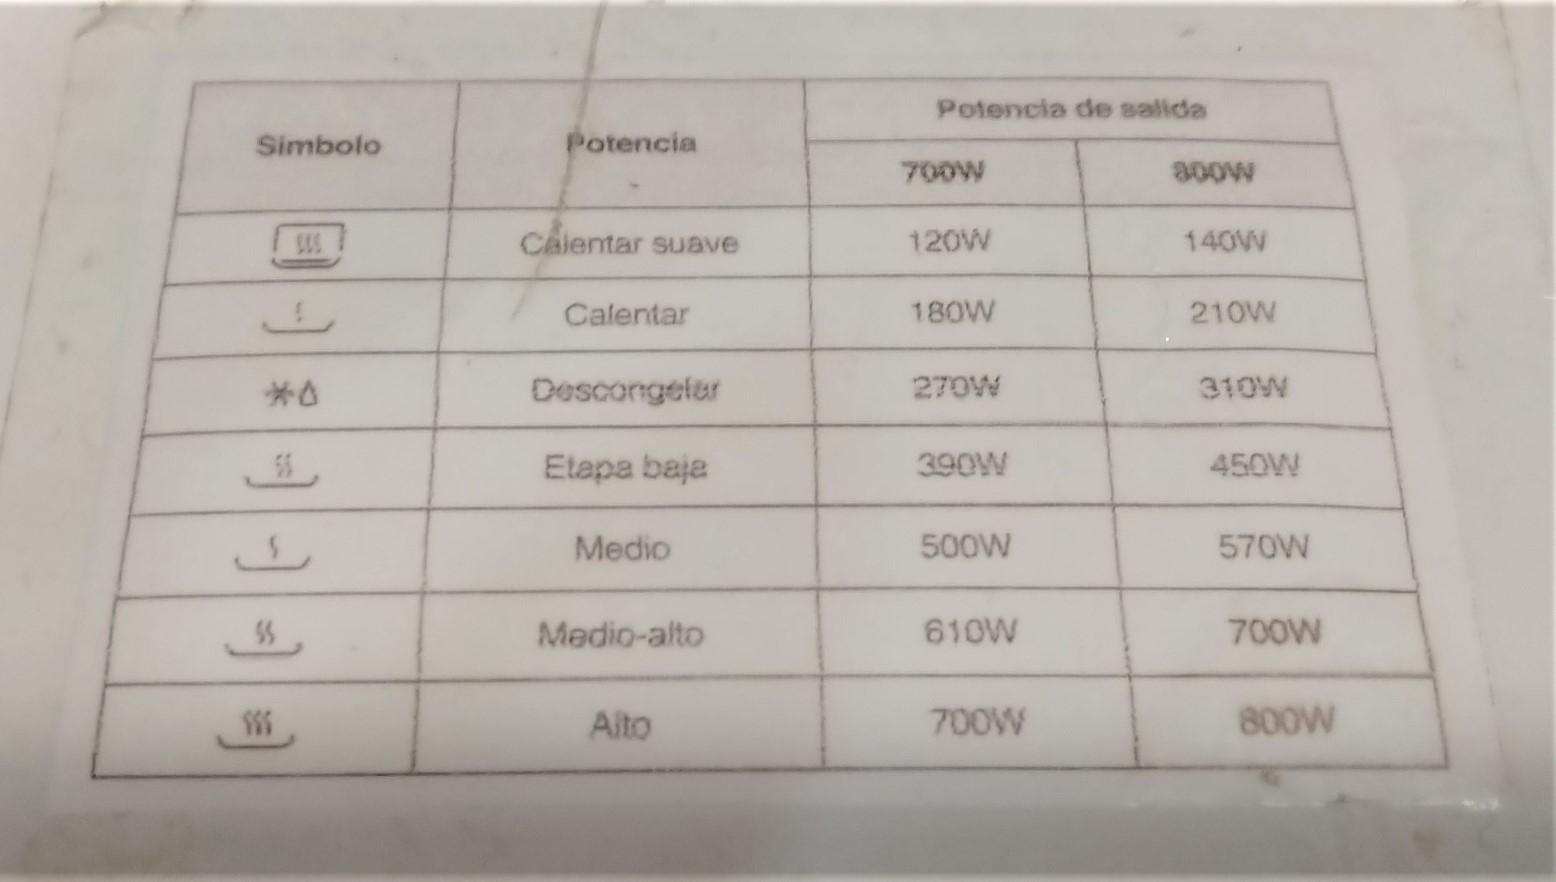 Potencias microondas, símbolos y traducción a watios.